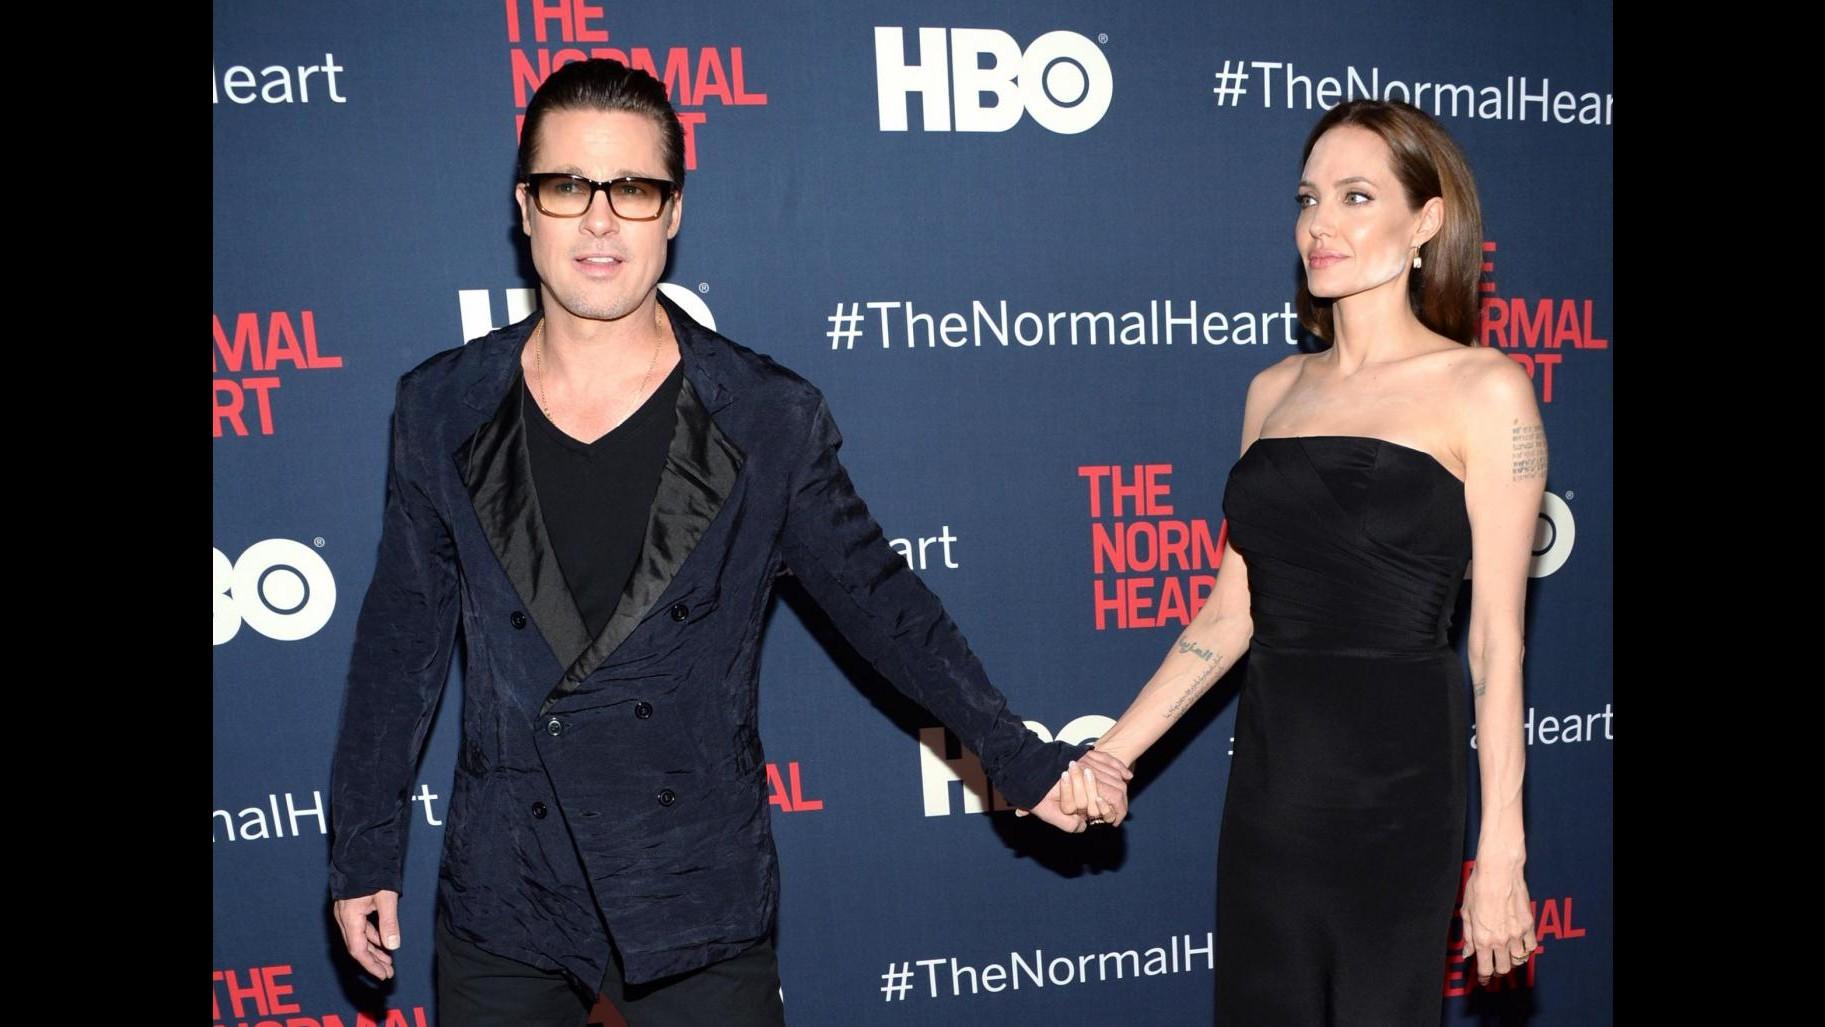 Grandi star per 'The Normal heart' anche Angelina Jolie e Brad Pitt